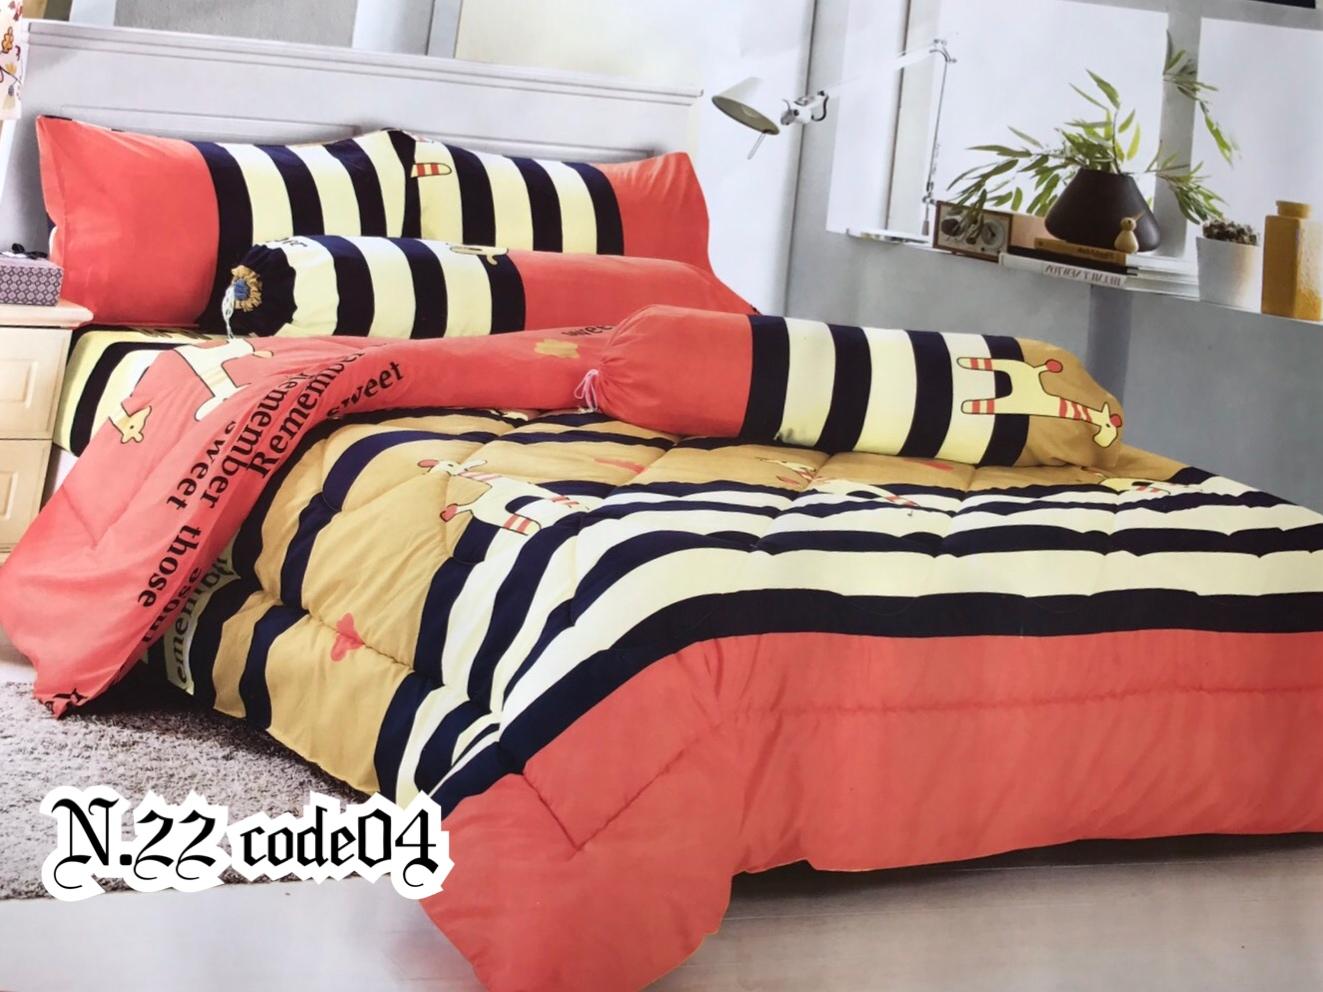 ชุดผ้าปูที่นอนลายการ์ตูนสัตว์น่ารัก ขนาด 6 ฟุต, 5 ฟุต, 3.5 ฟุต AI